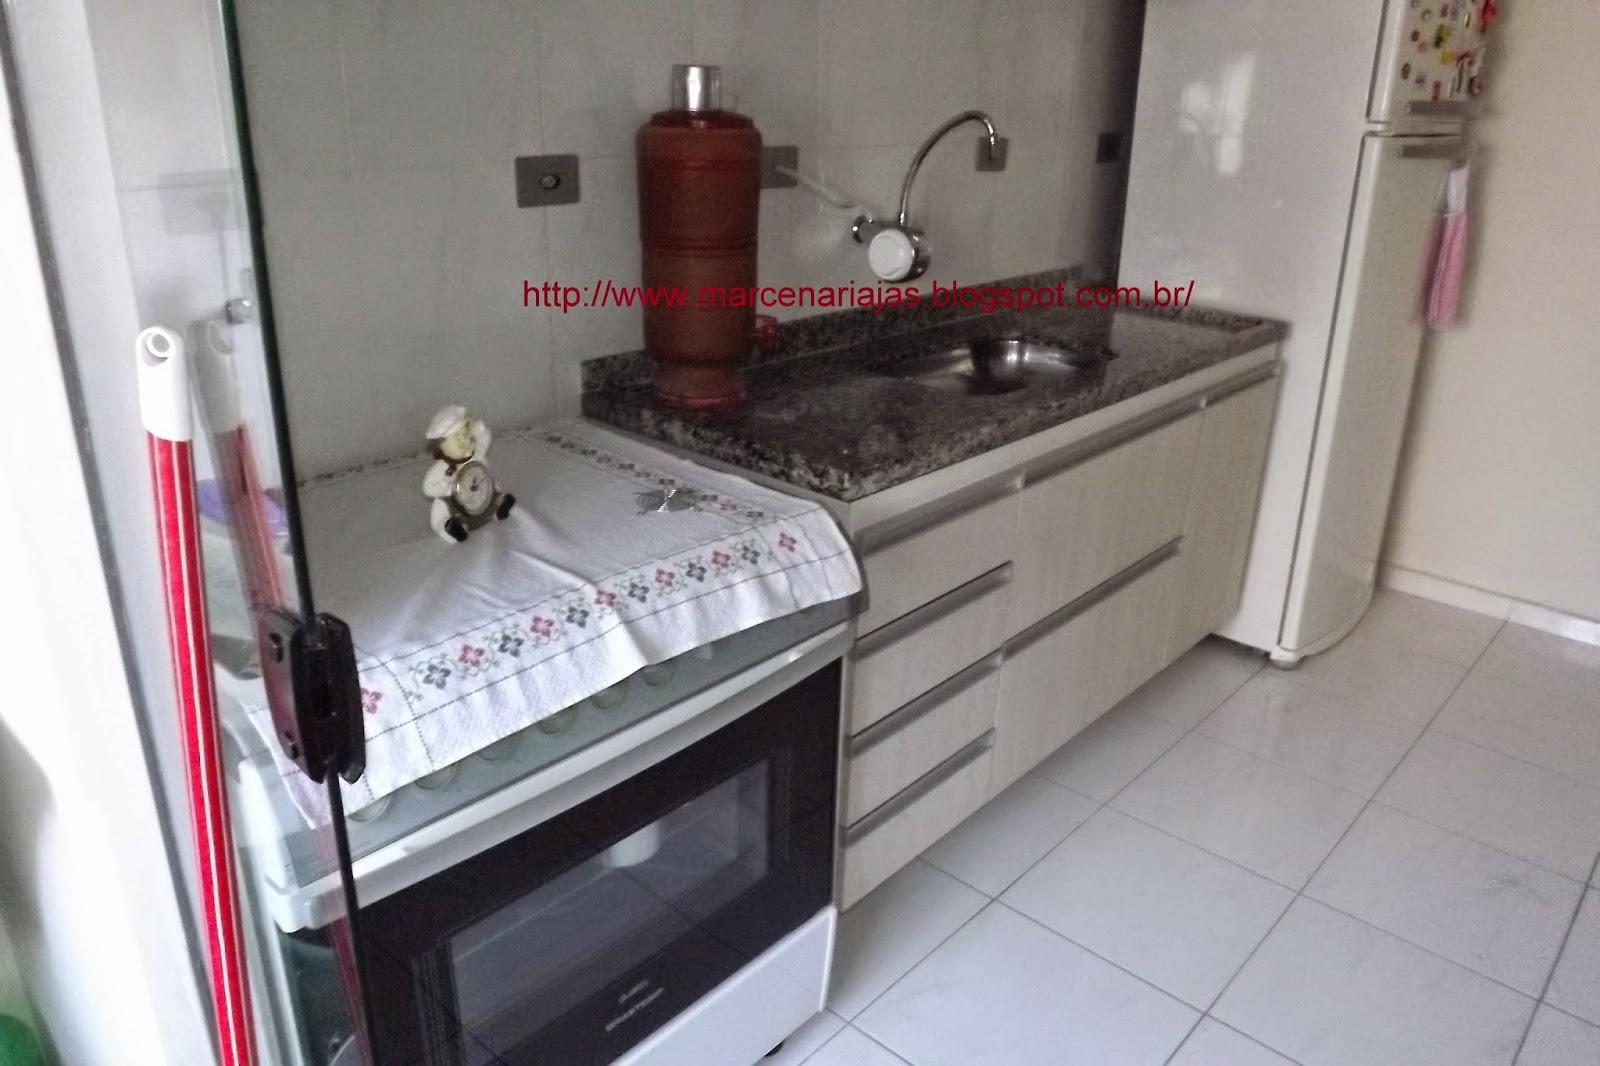 Marcenaria J. A. S.: Cozinha embutida até o teto #6A3F41 1600 1066